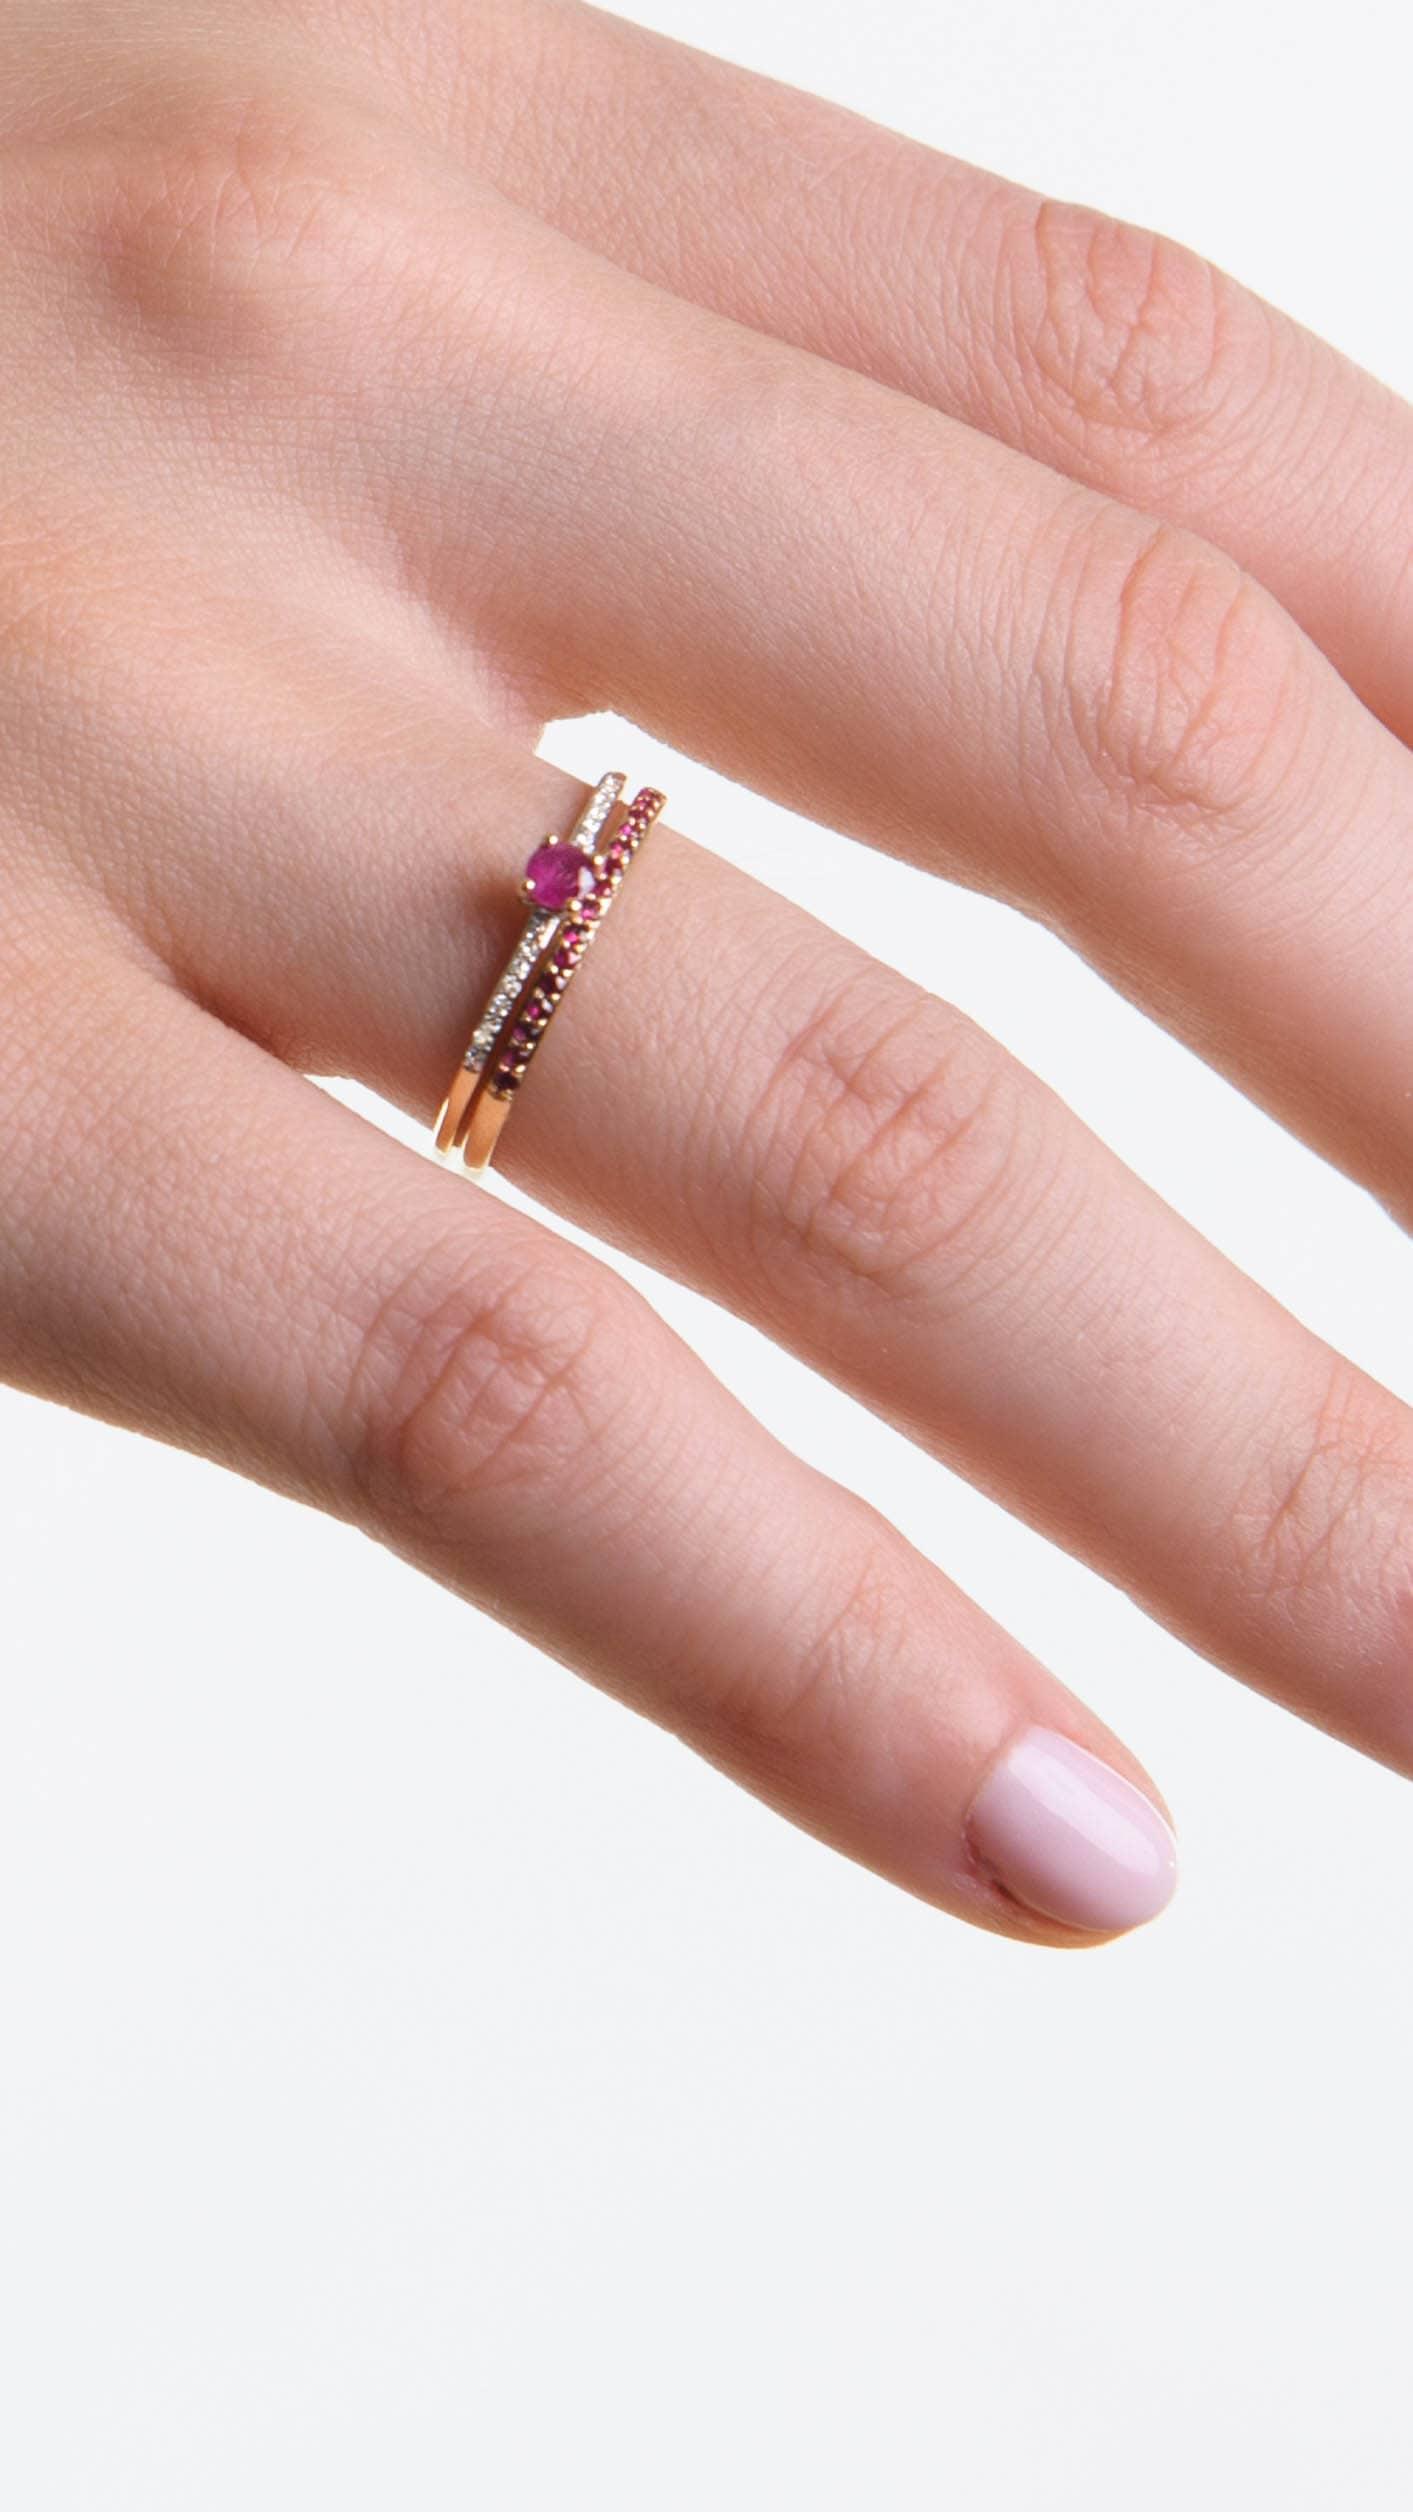 Modelka prezentuje na dłoni zestaw złotych pierścionków z kamieniami szlachetnymi: rubinami i diamentami.